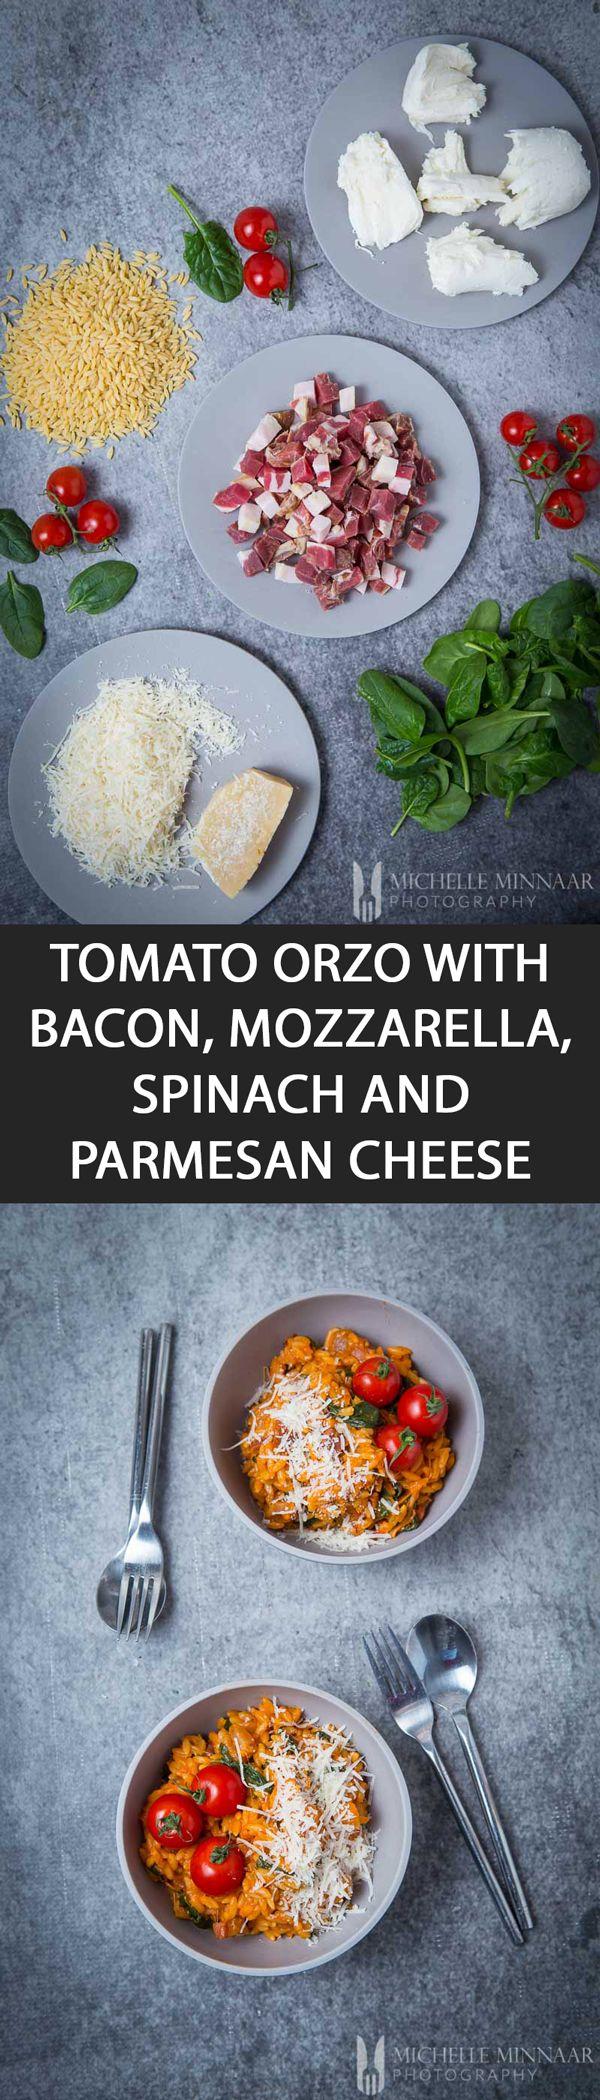 Tomato Orzo